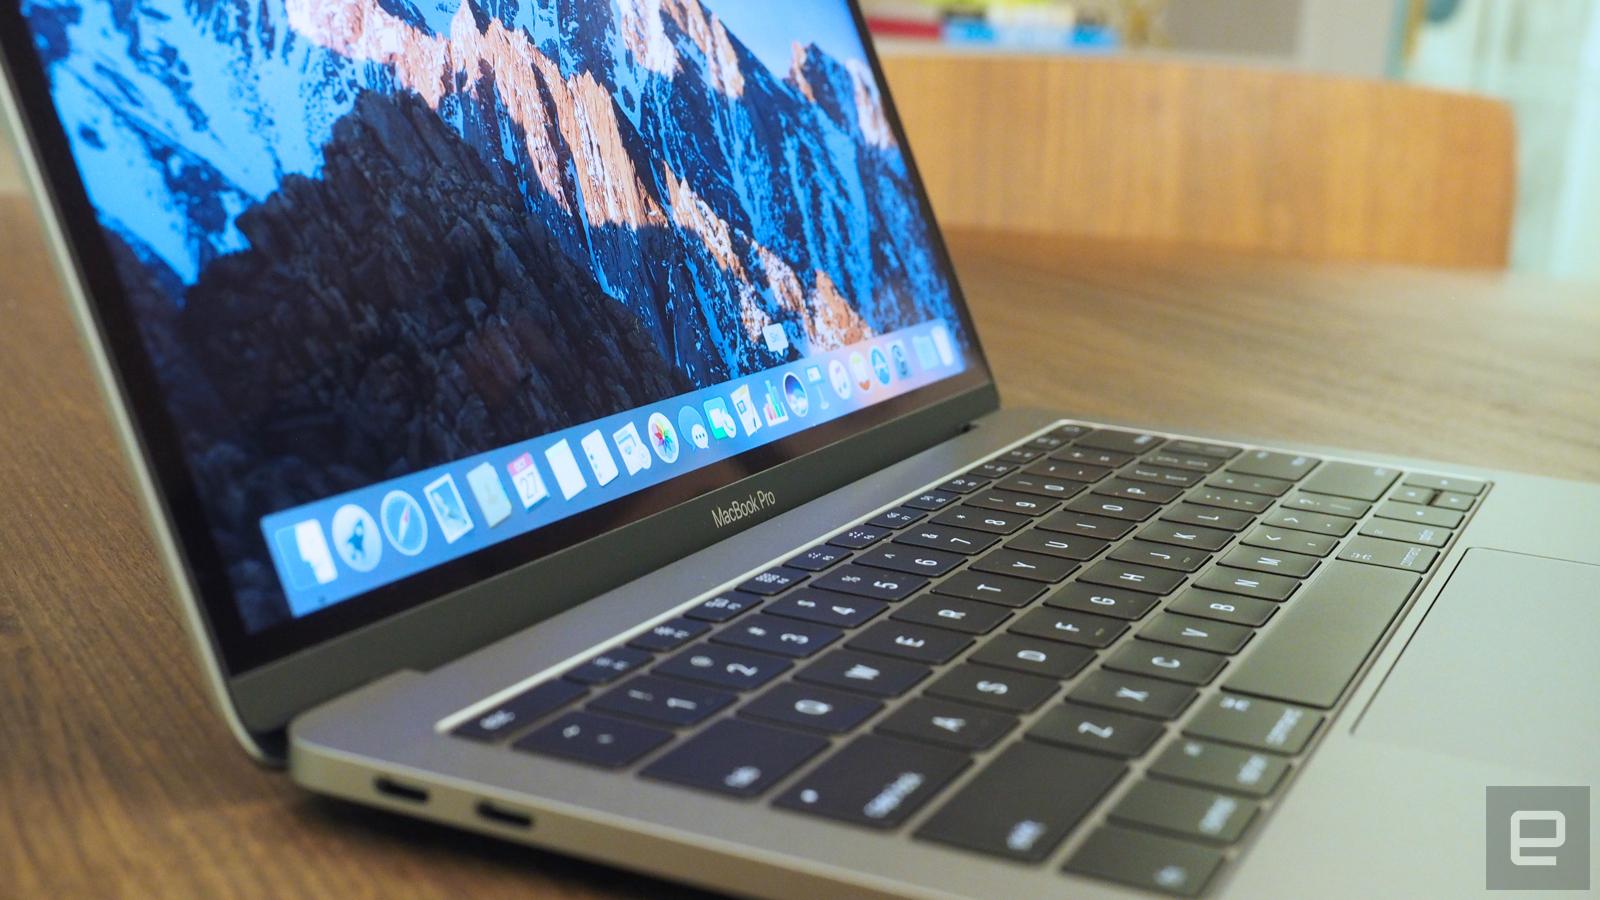 توضیحات تکمیلی اپل برای عدم ایجاد درگاه SD card بر روی مکبوک پرو جدید